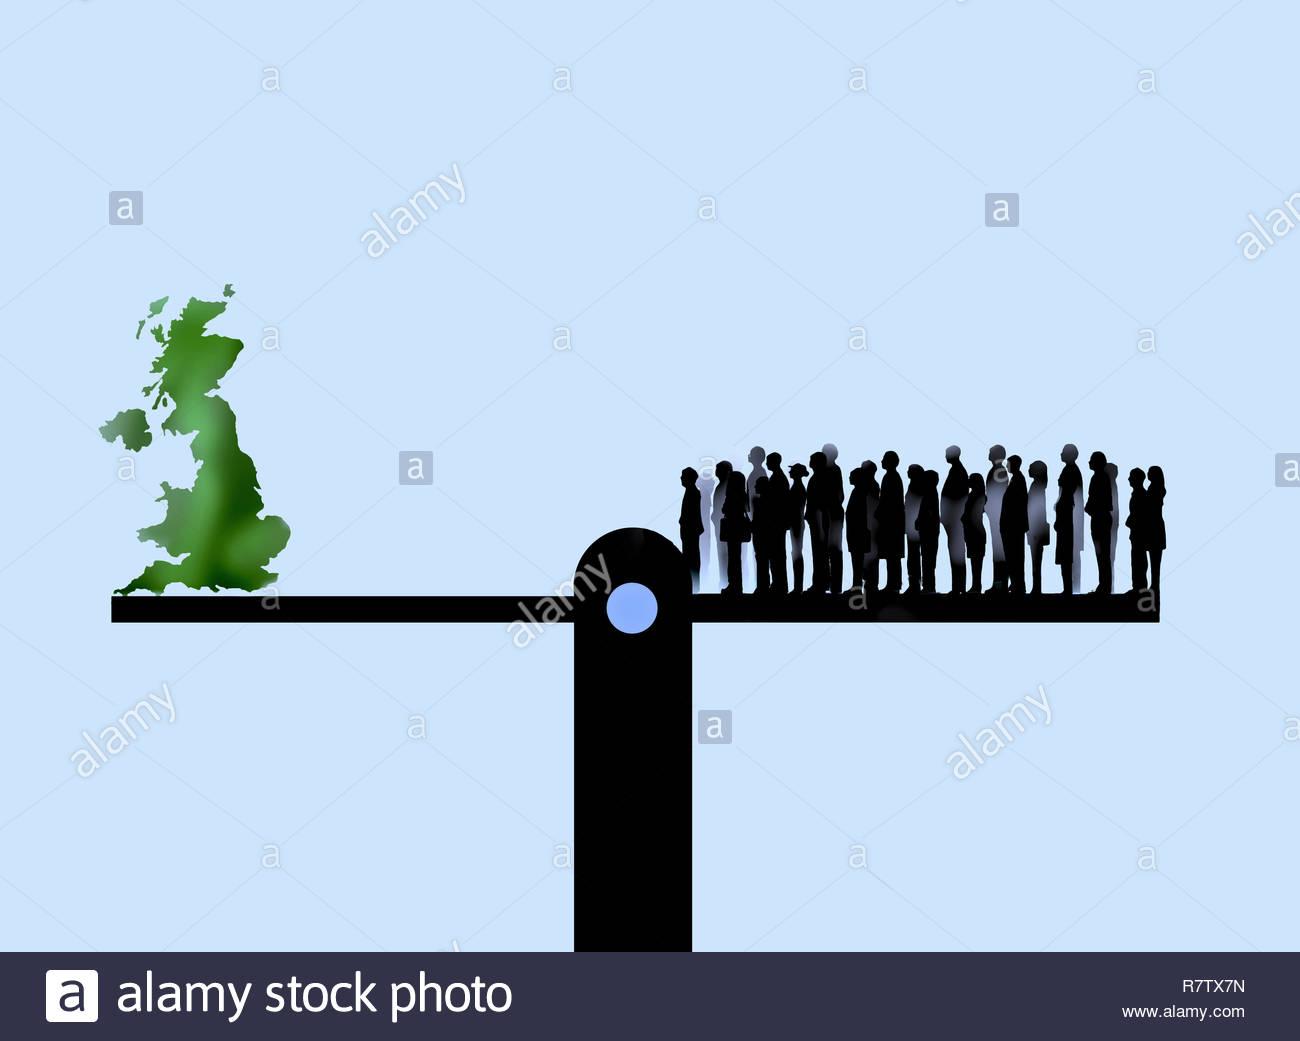 Große Gruppe von Menschen und das Vereinigte Königreich auf gegenüberliegenden Seiten der Wippe Stockbild